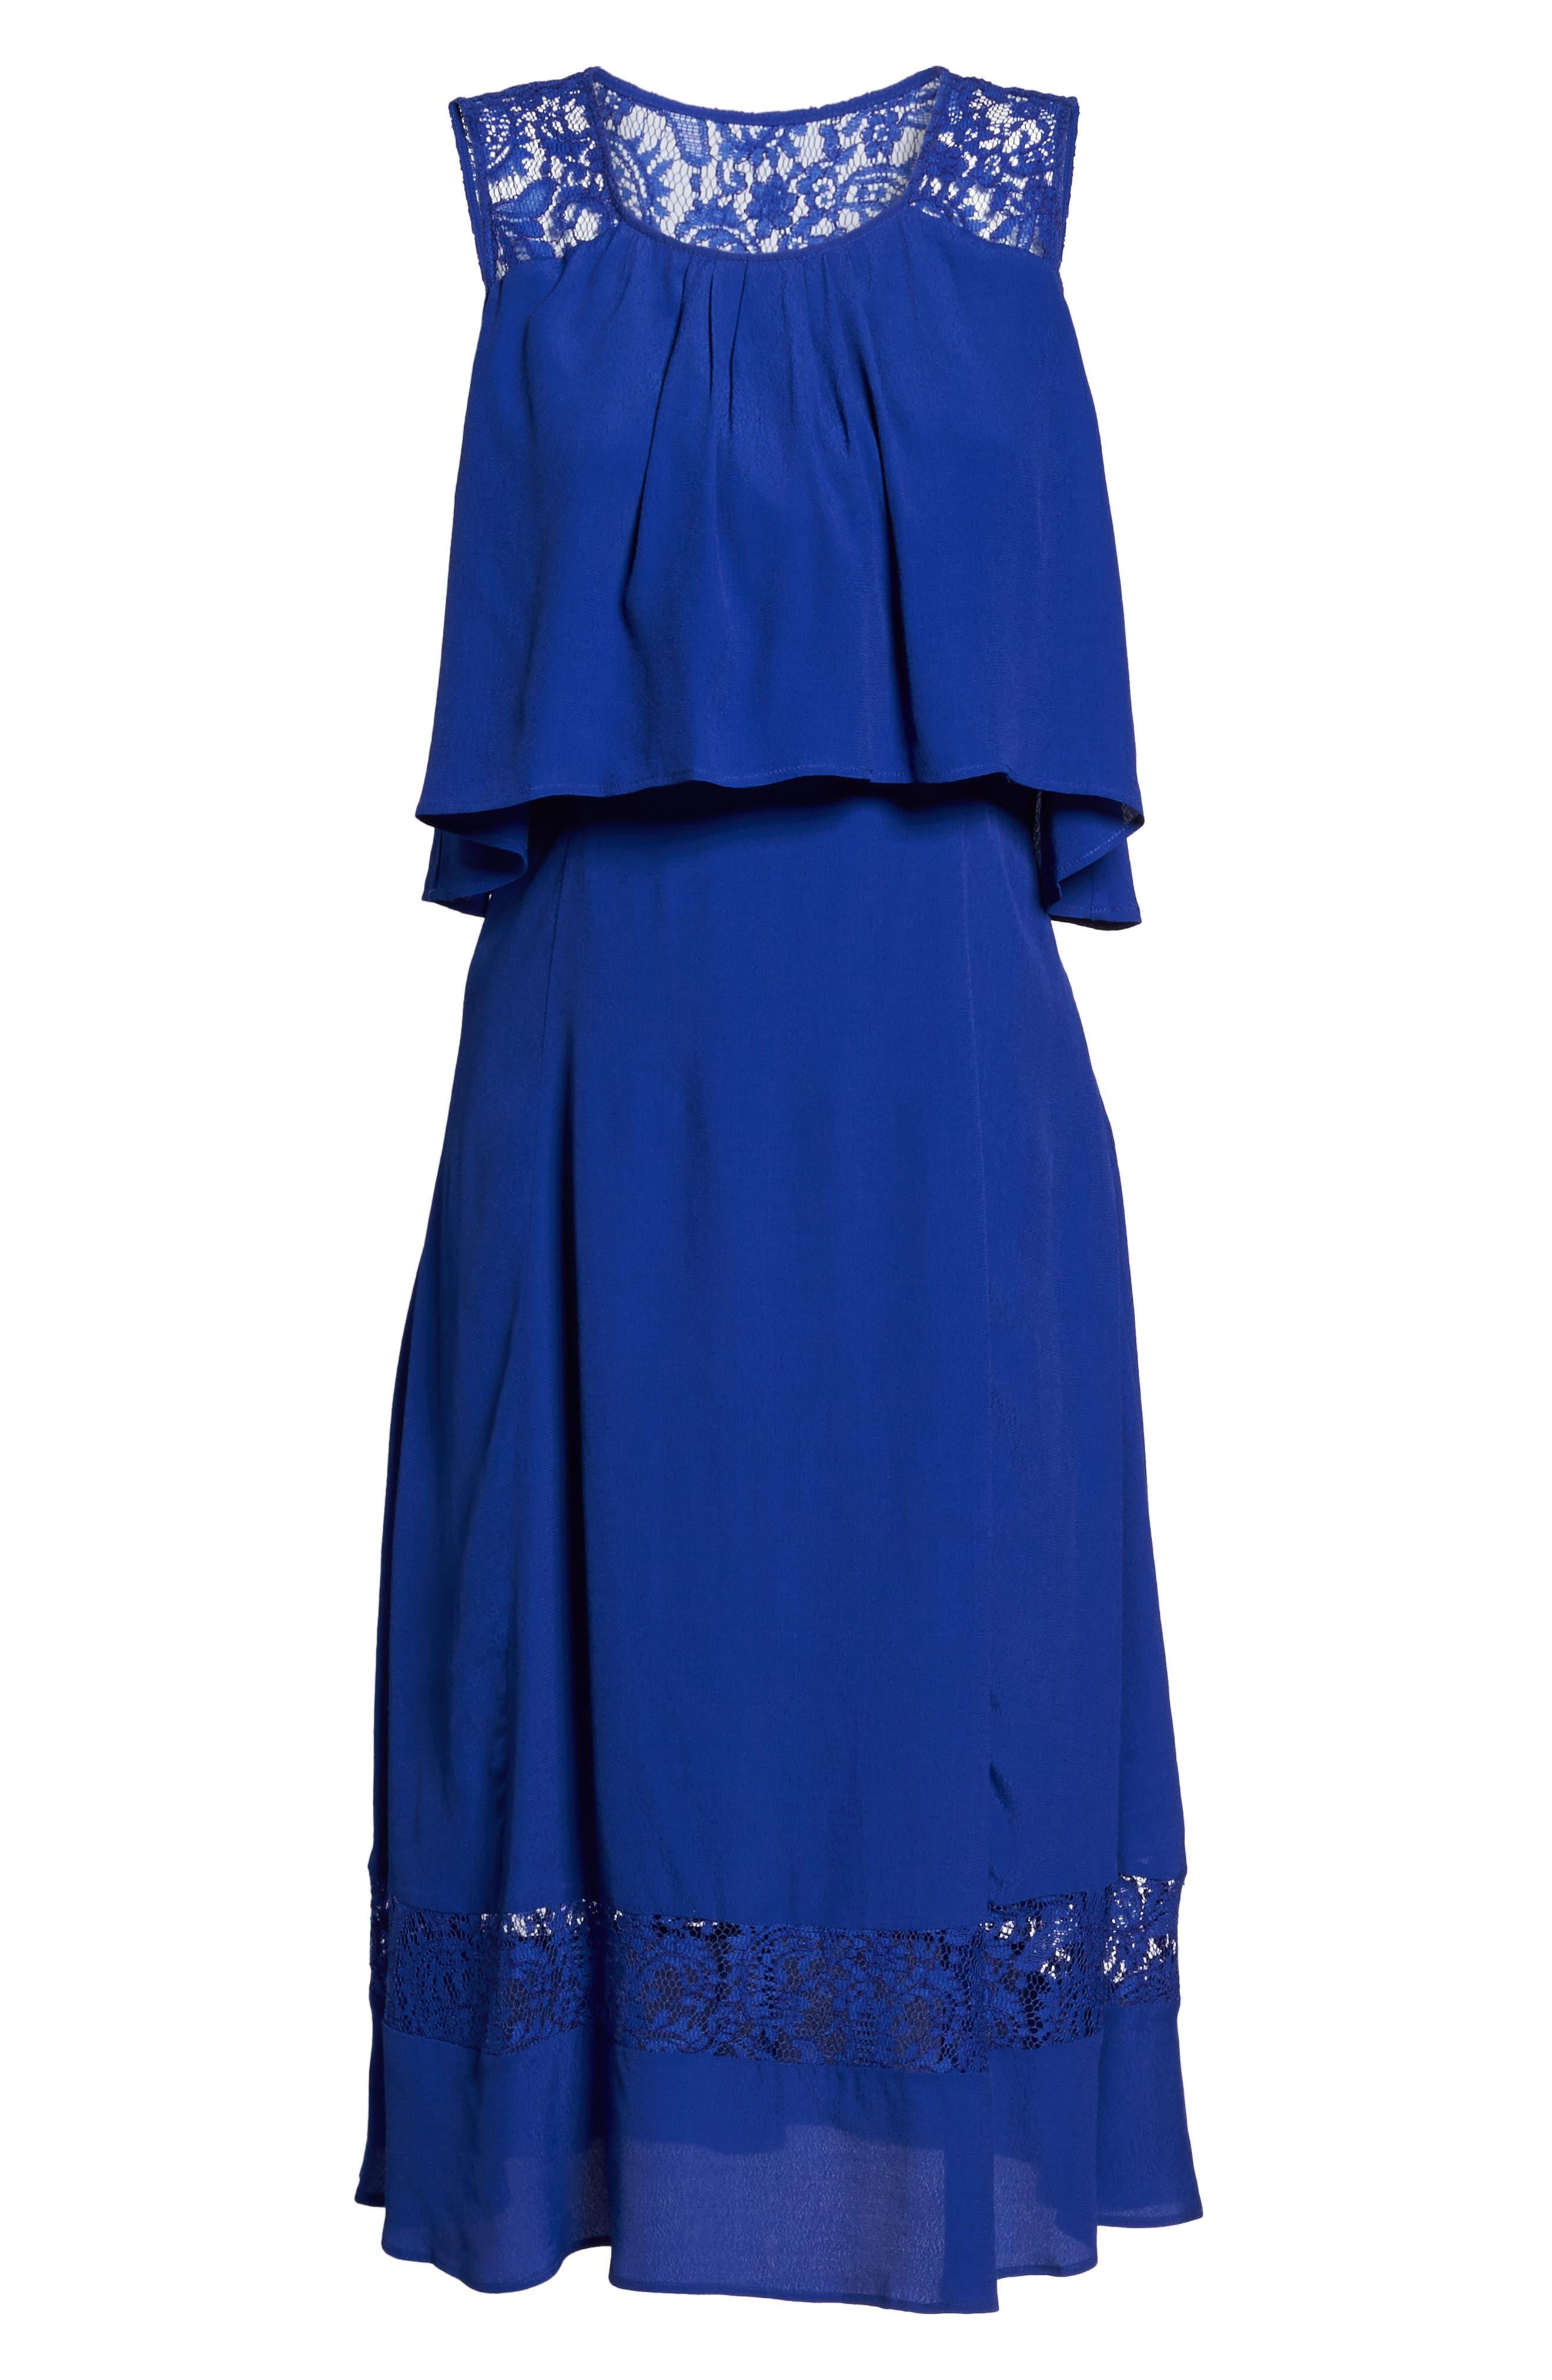 BB Dakota Erin Popover Dress,                             Alternate thumbnail 7, color,                             402